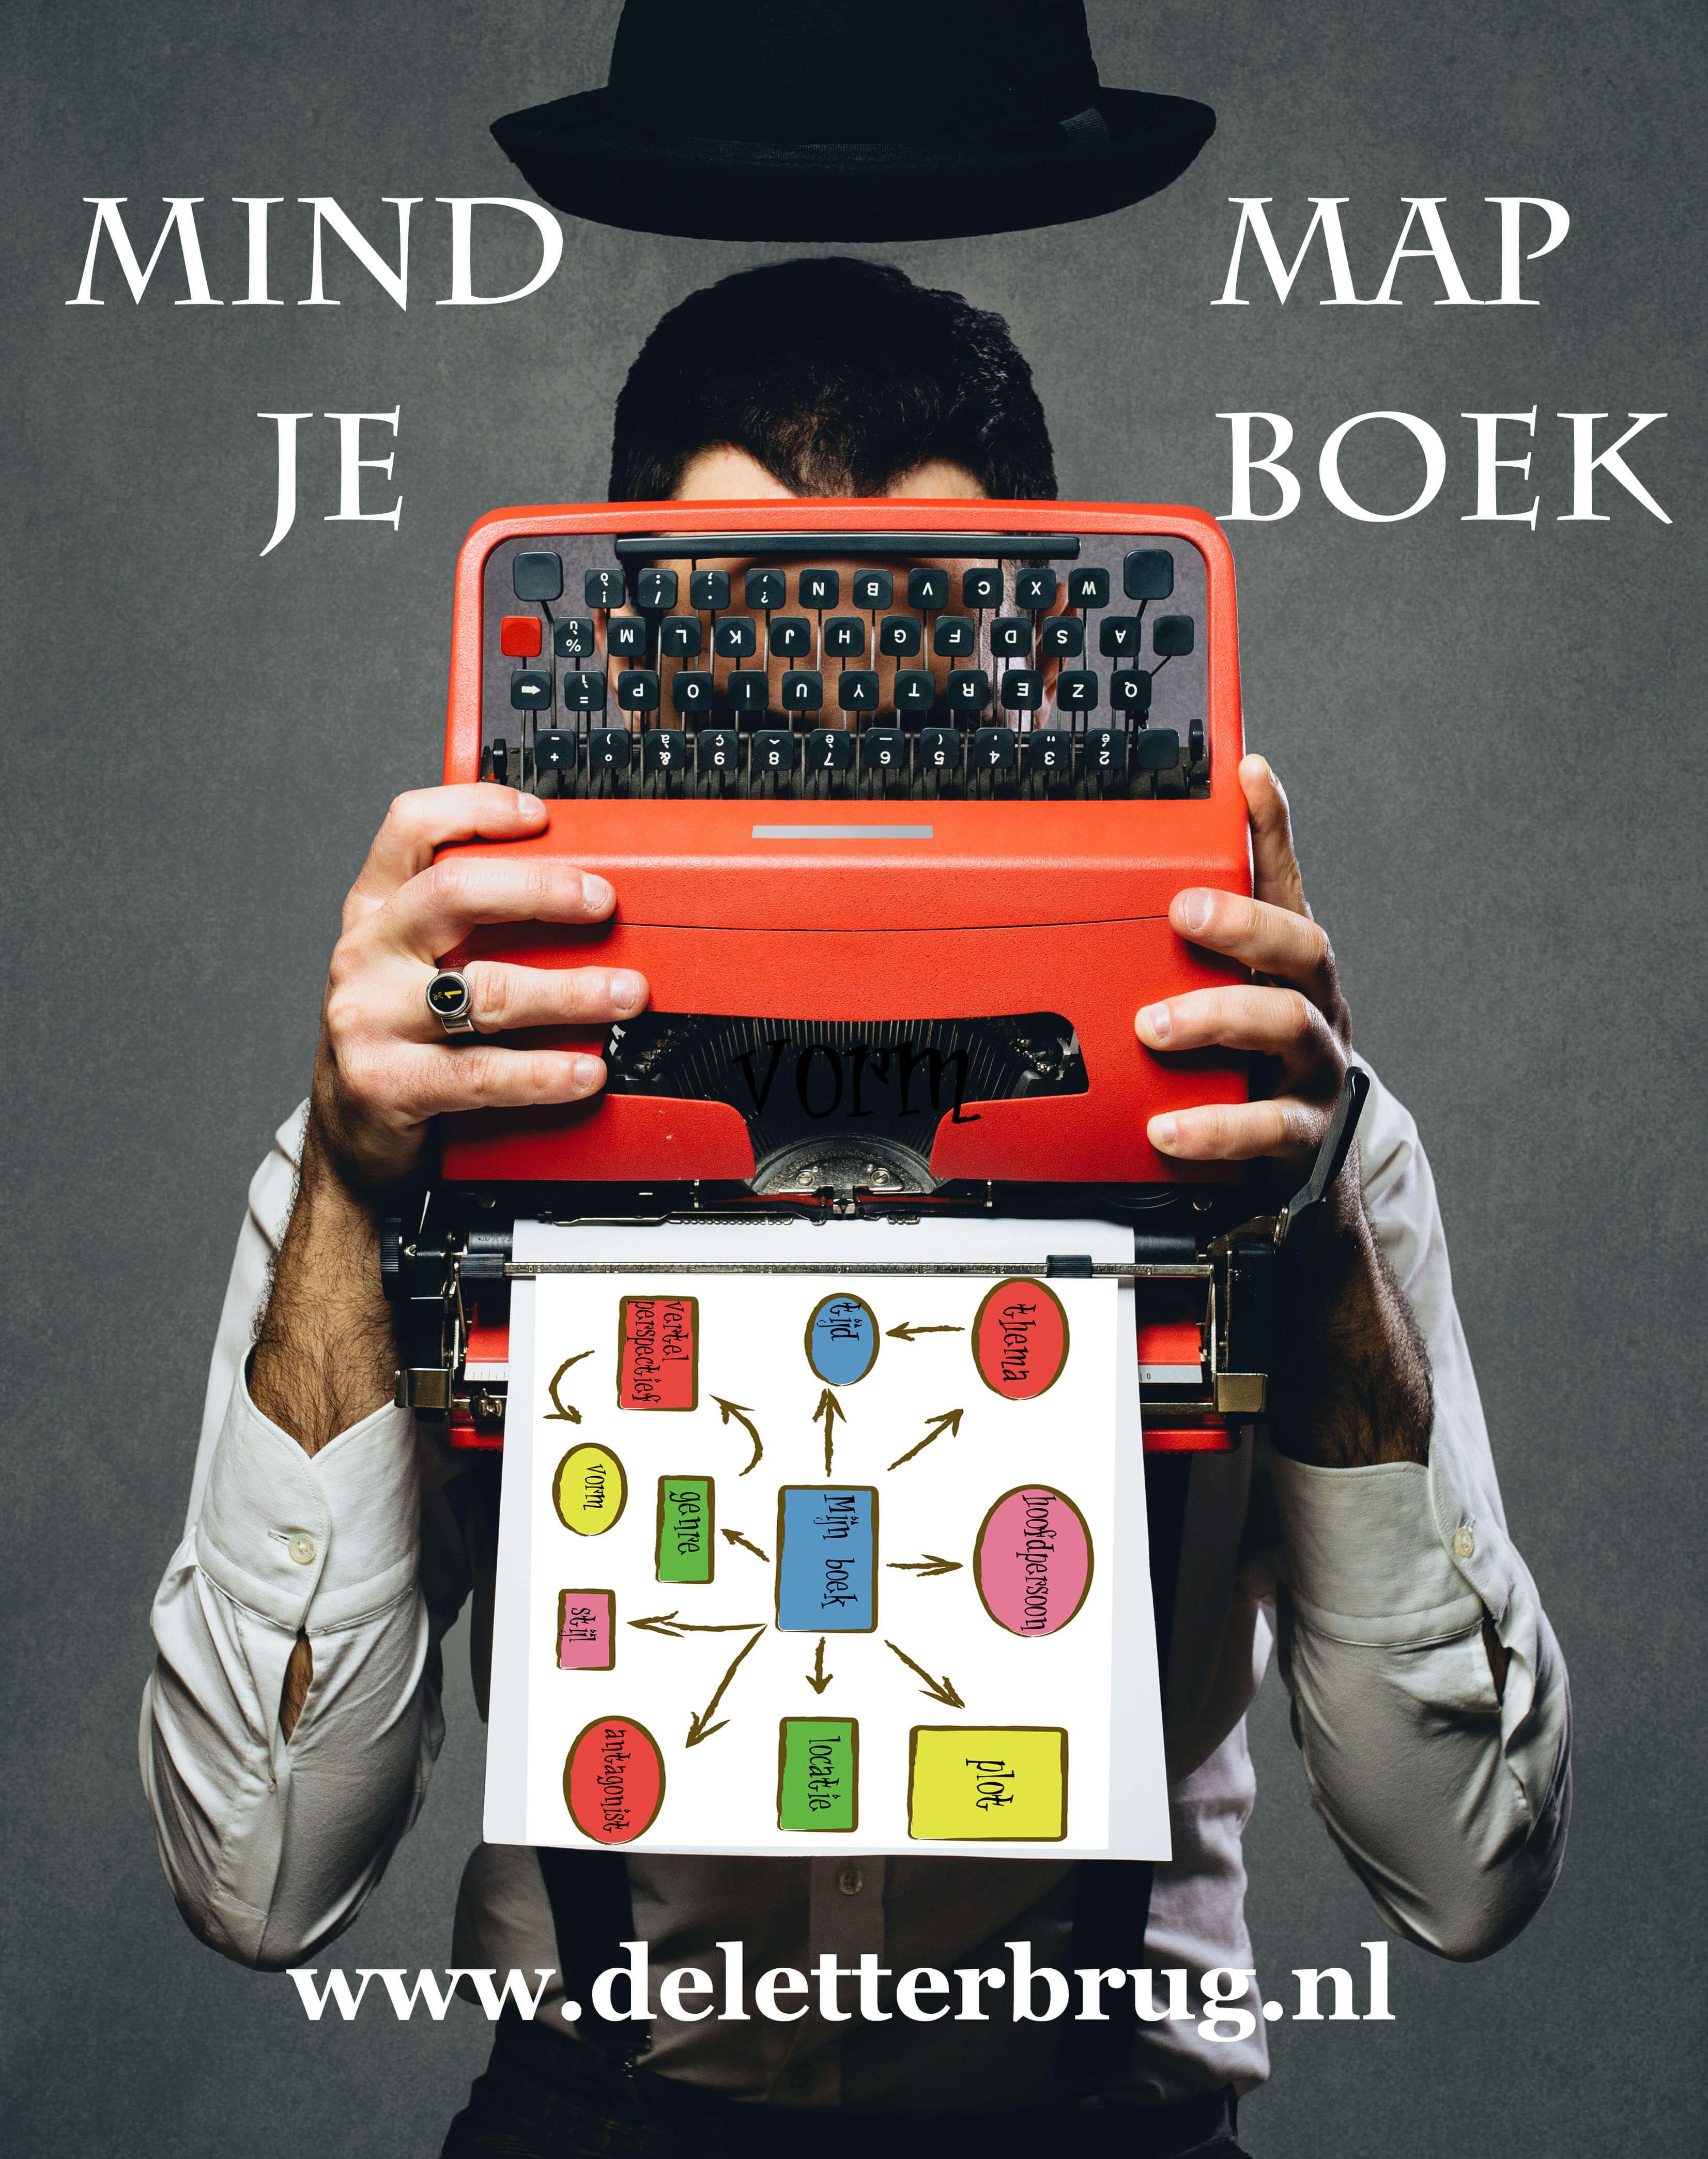 Schrijftips van Tekstbureau De Letterbrug, mindmappen